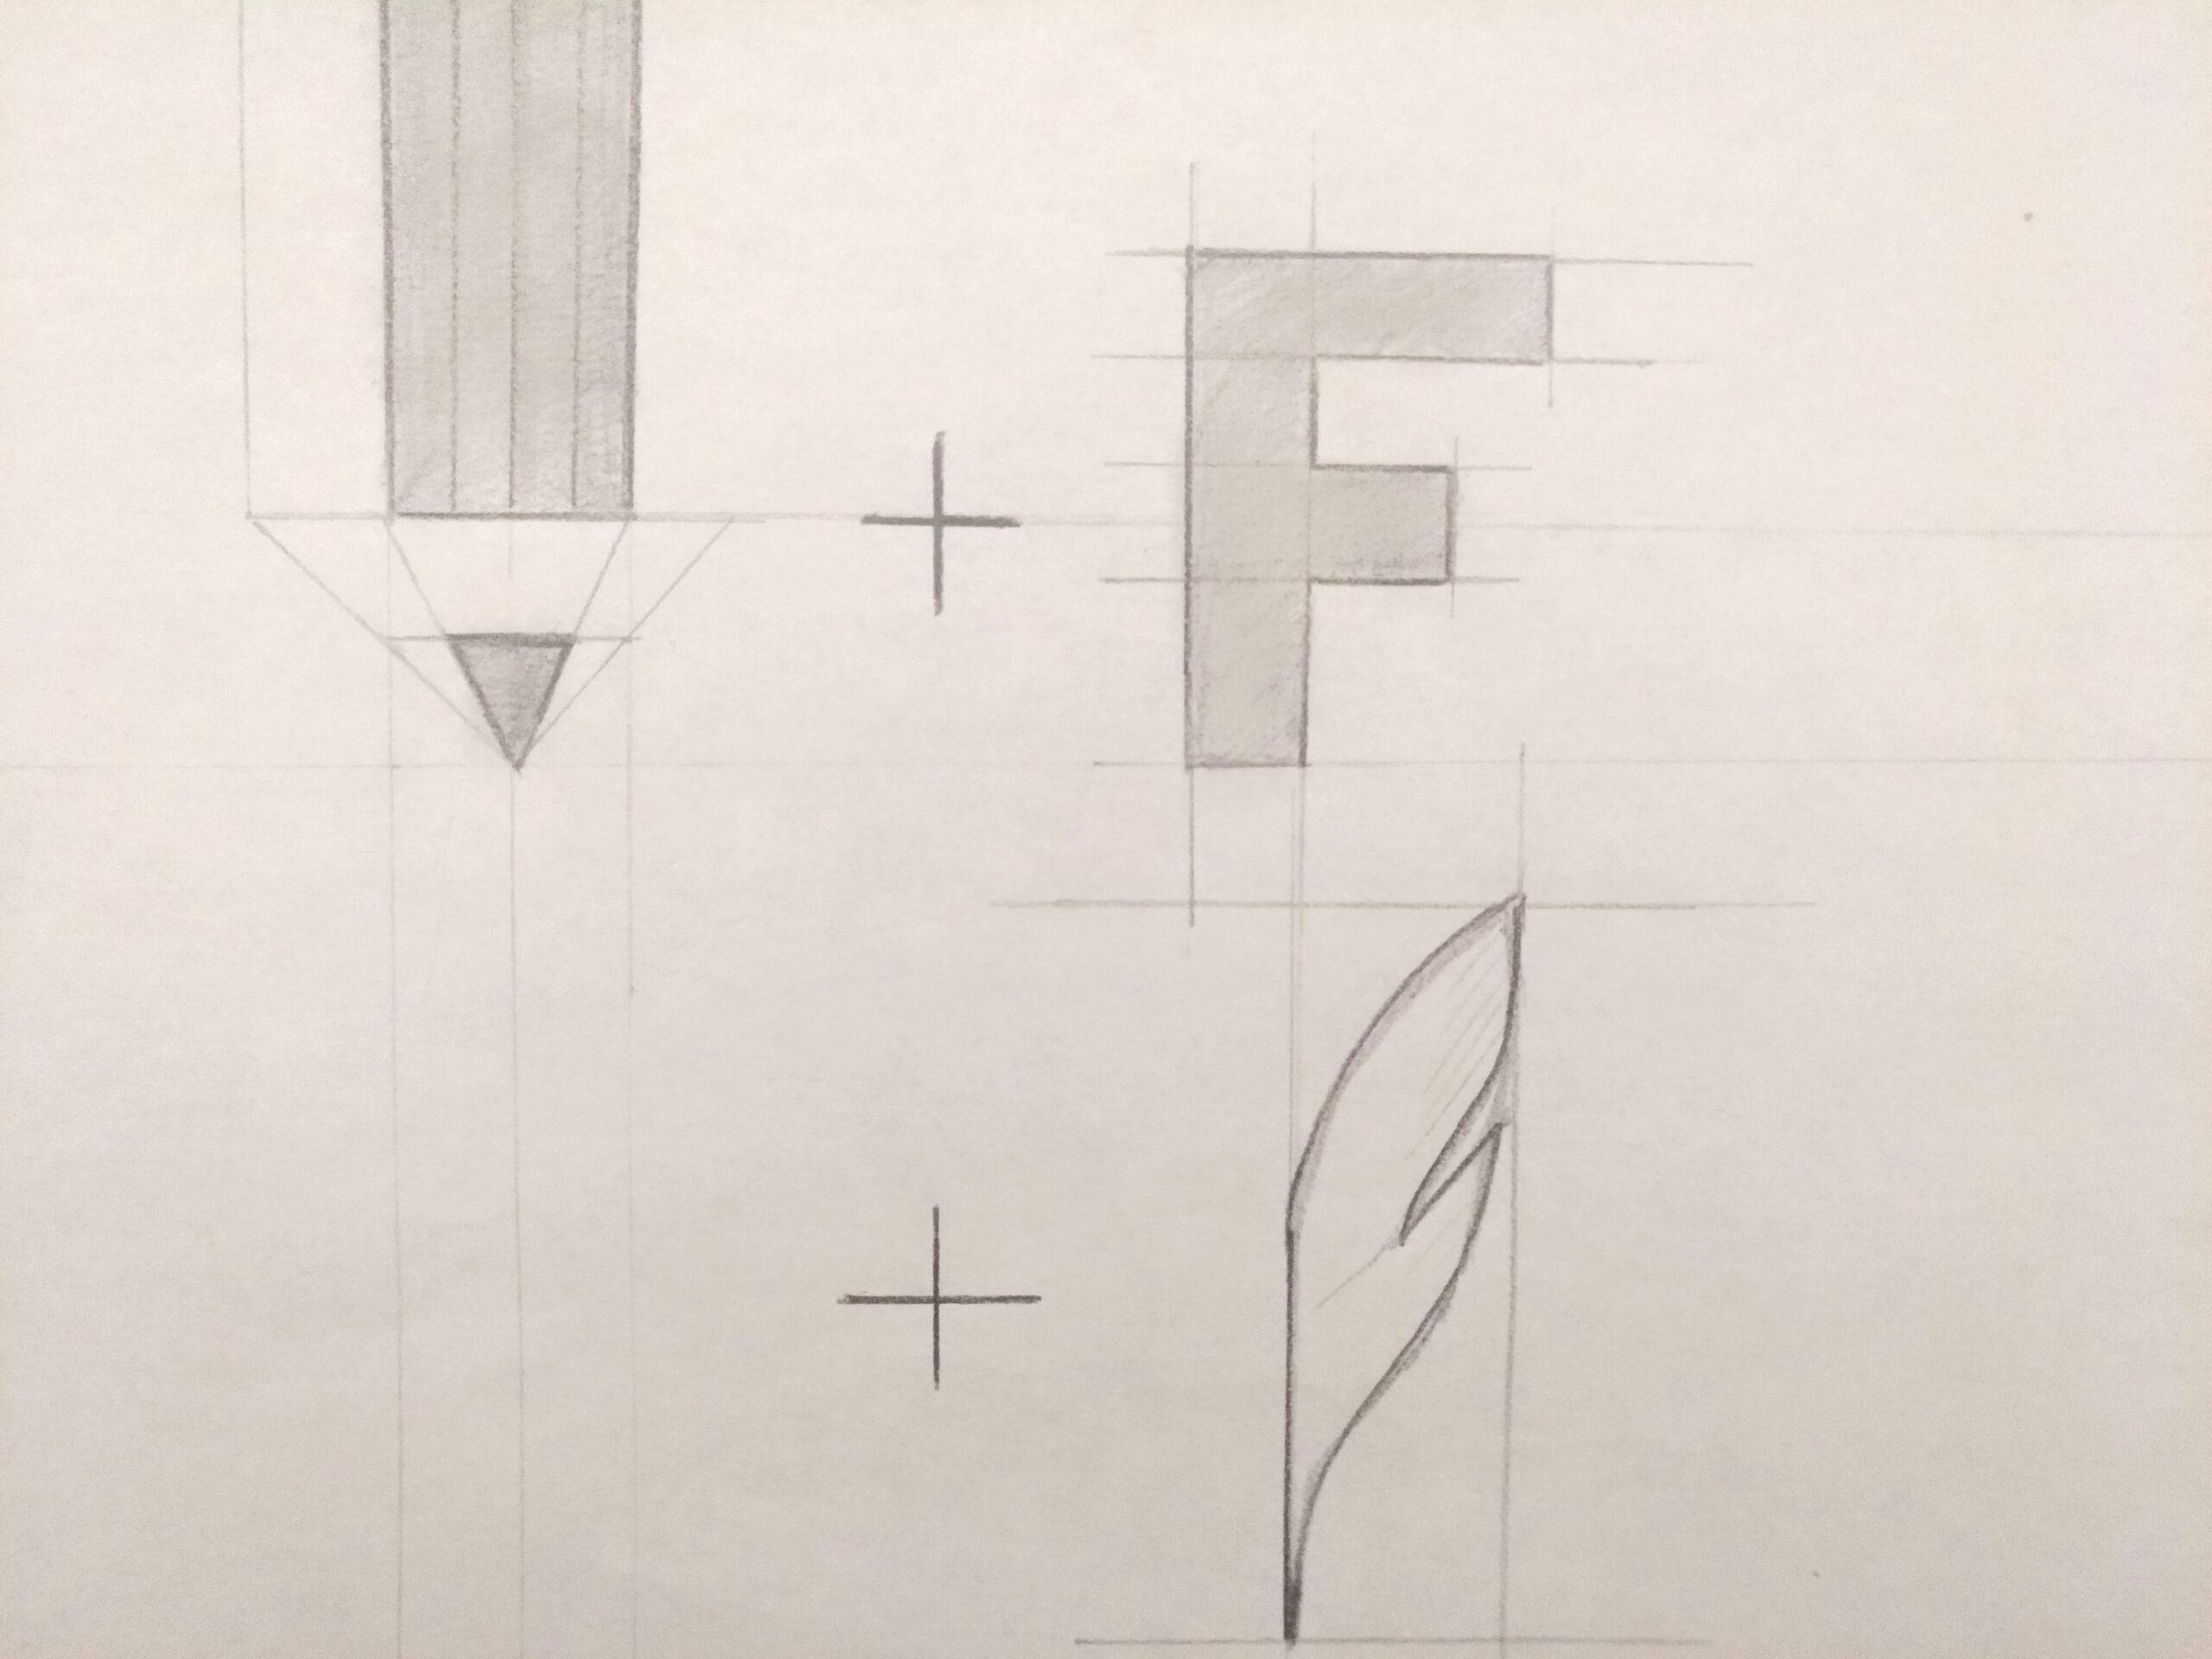 Premières esquisse au crayon du logo Farouk Nasri